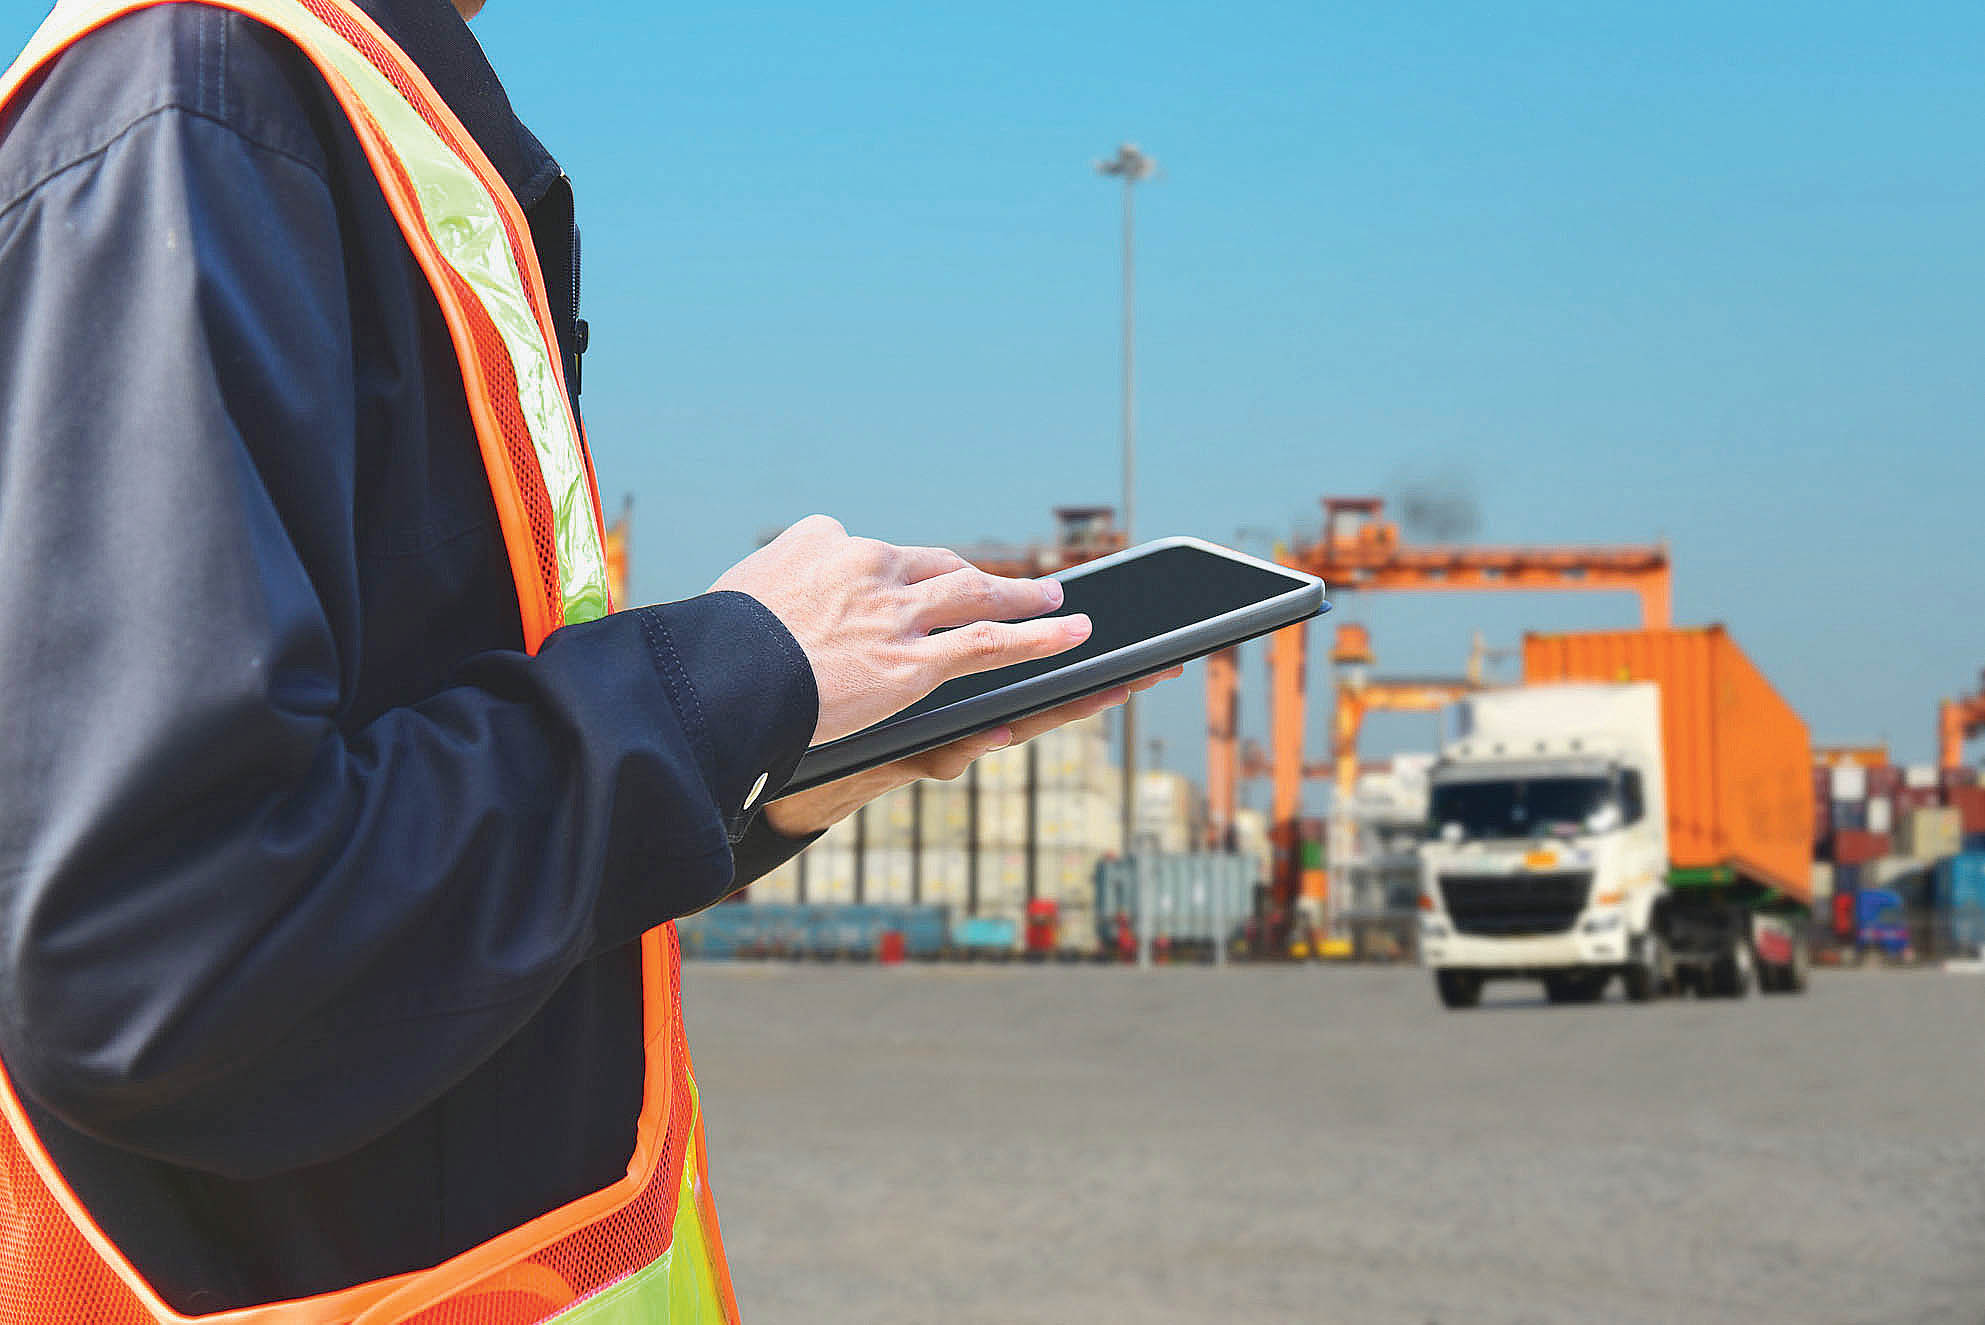 Práce v logistice neztrácí perspektivu